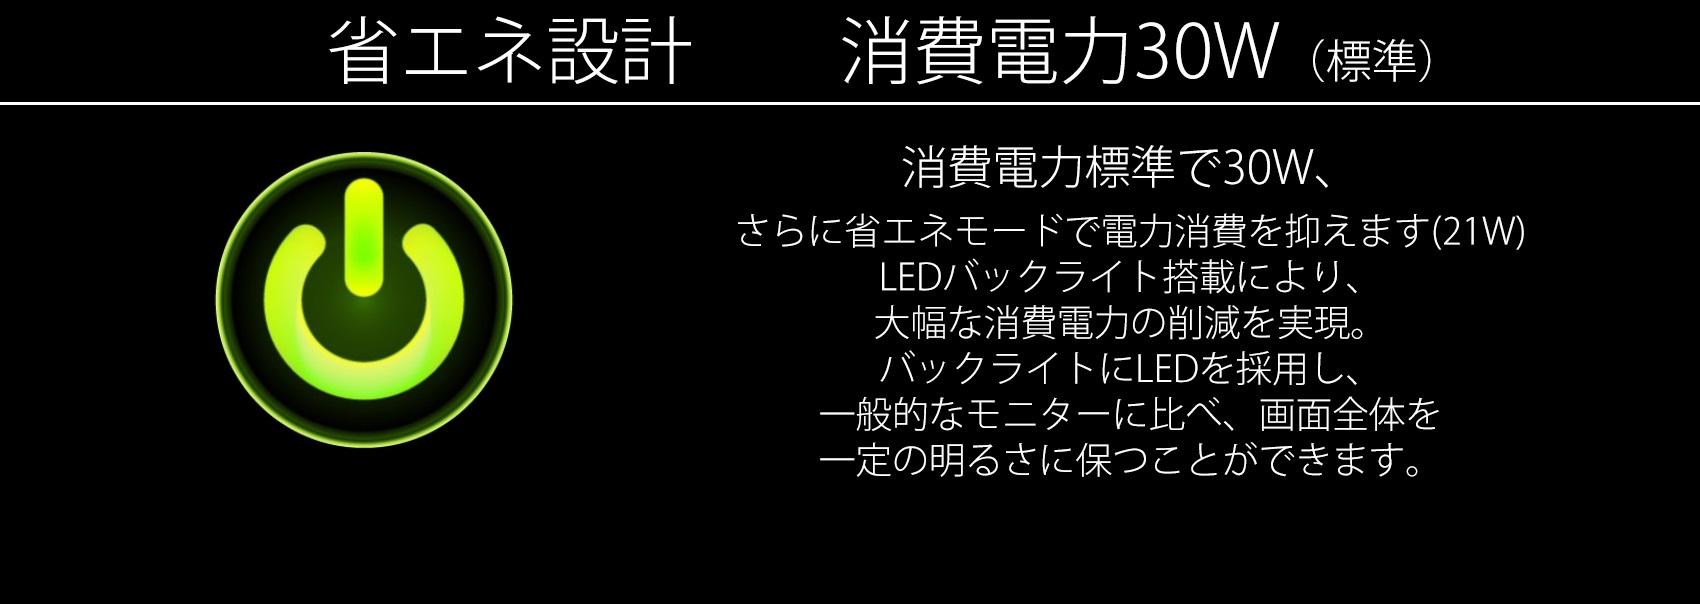 消費電力標準で27W、 LEDバックライト搭載により、 大幅な消費電力の削減を実現。 バックライトにLEDを採用し、 一般的なモニターに比べ、画面全体を 一定の明るさに保つことができます。